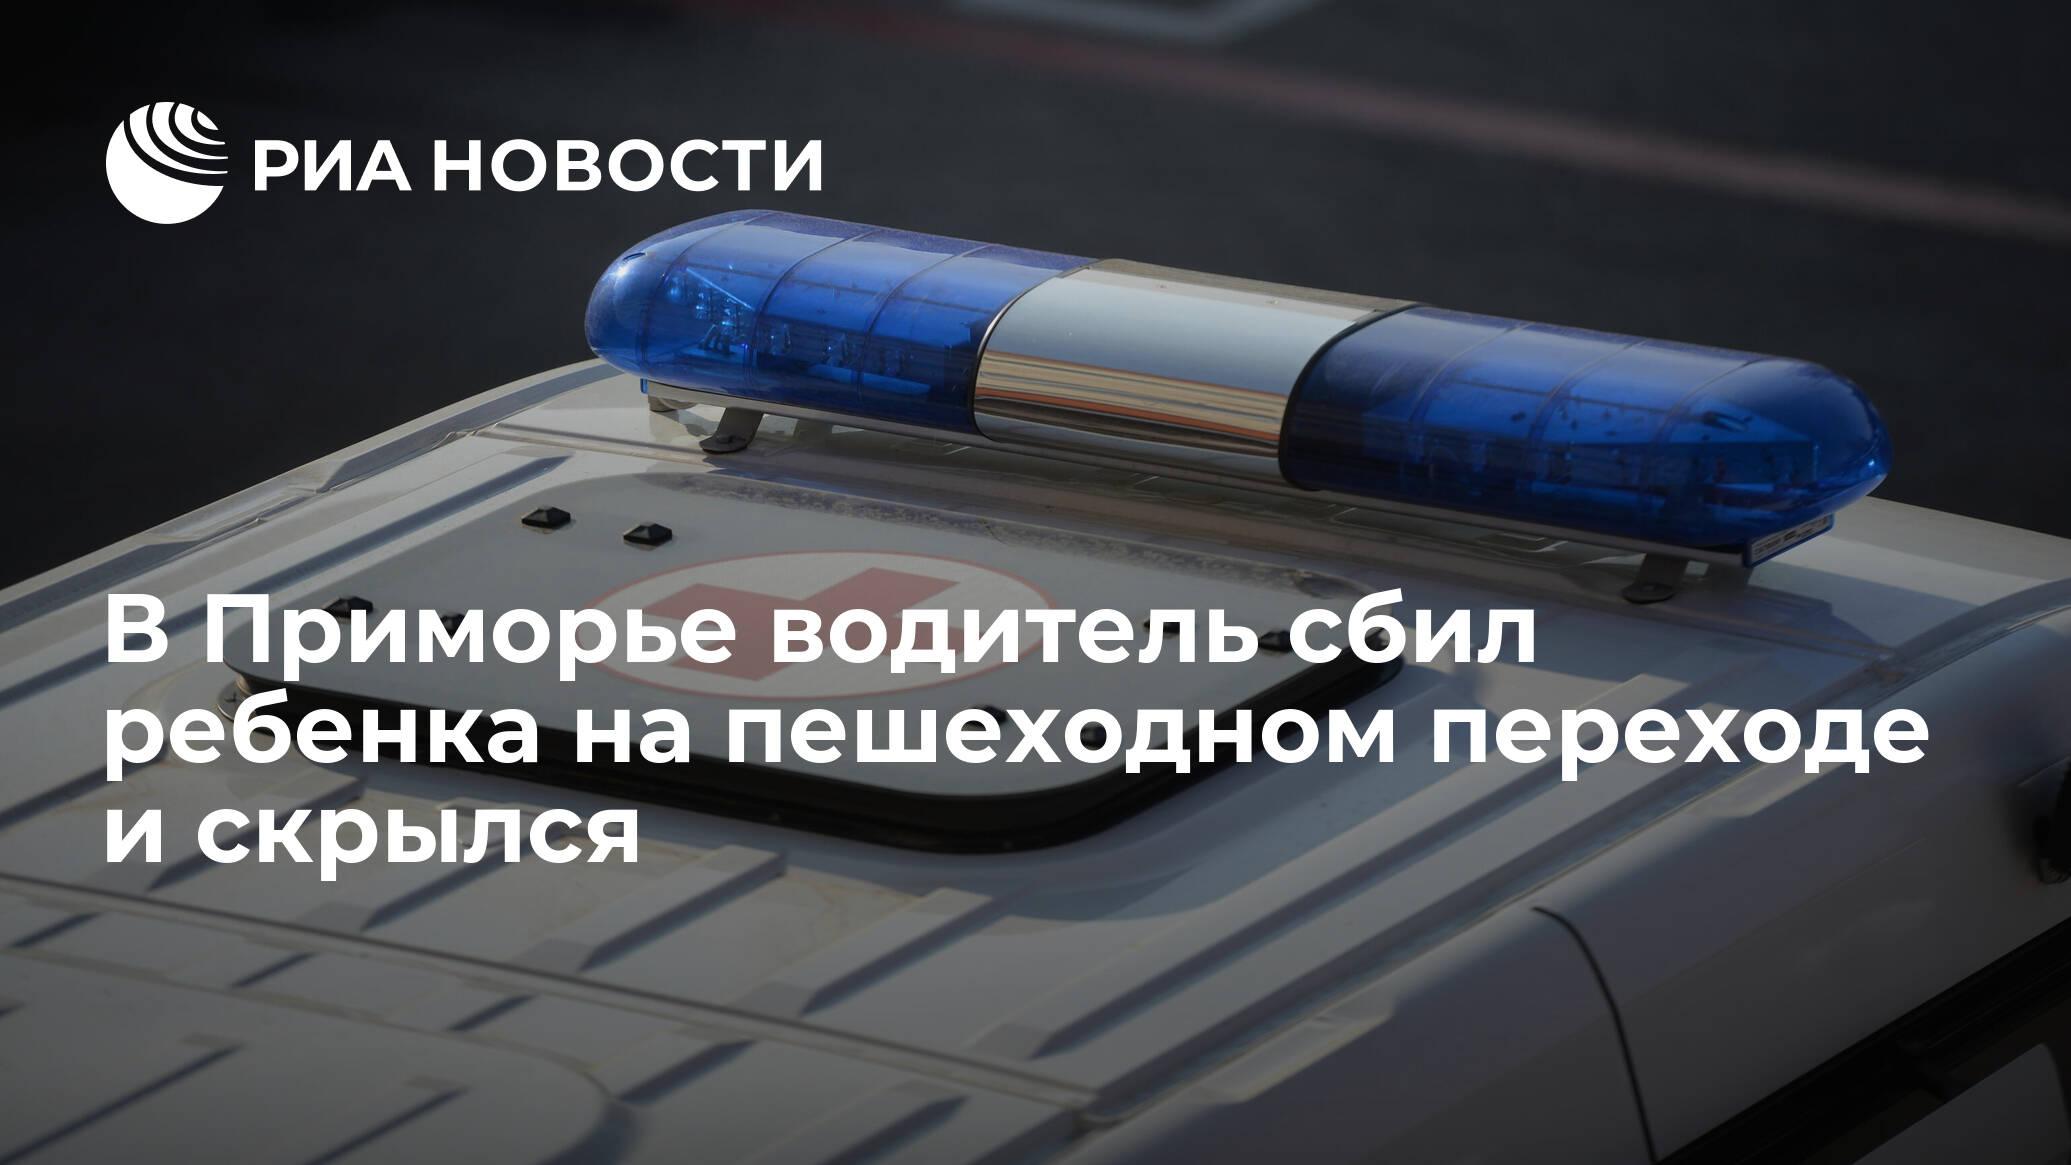 В Приморье водитель сбил ребенка на пешеходном переходе и скрылся